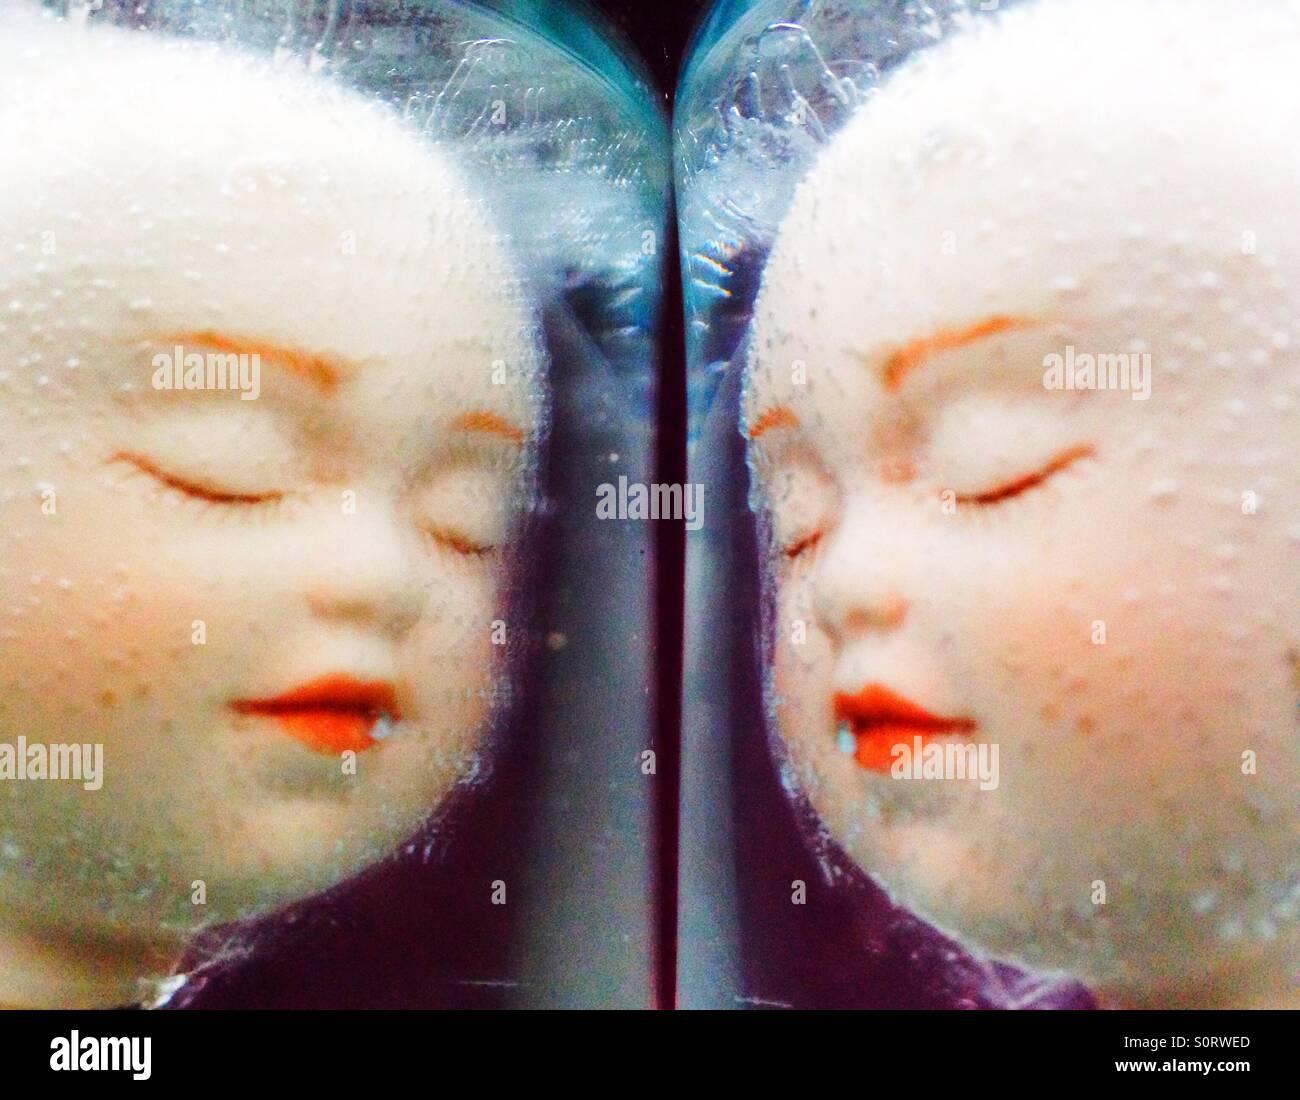 Une image miroir de visages de poupées. Photo Stock